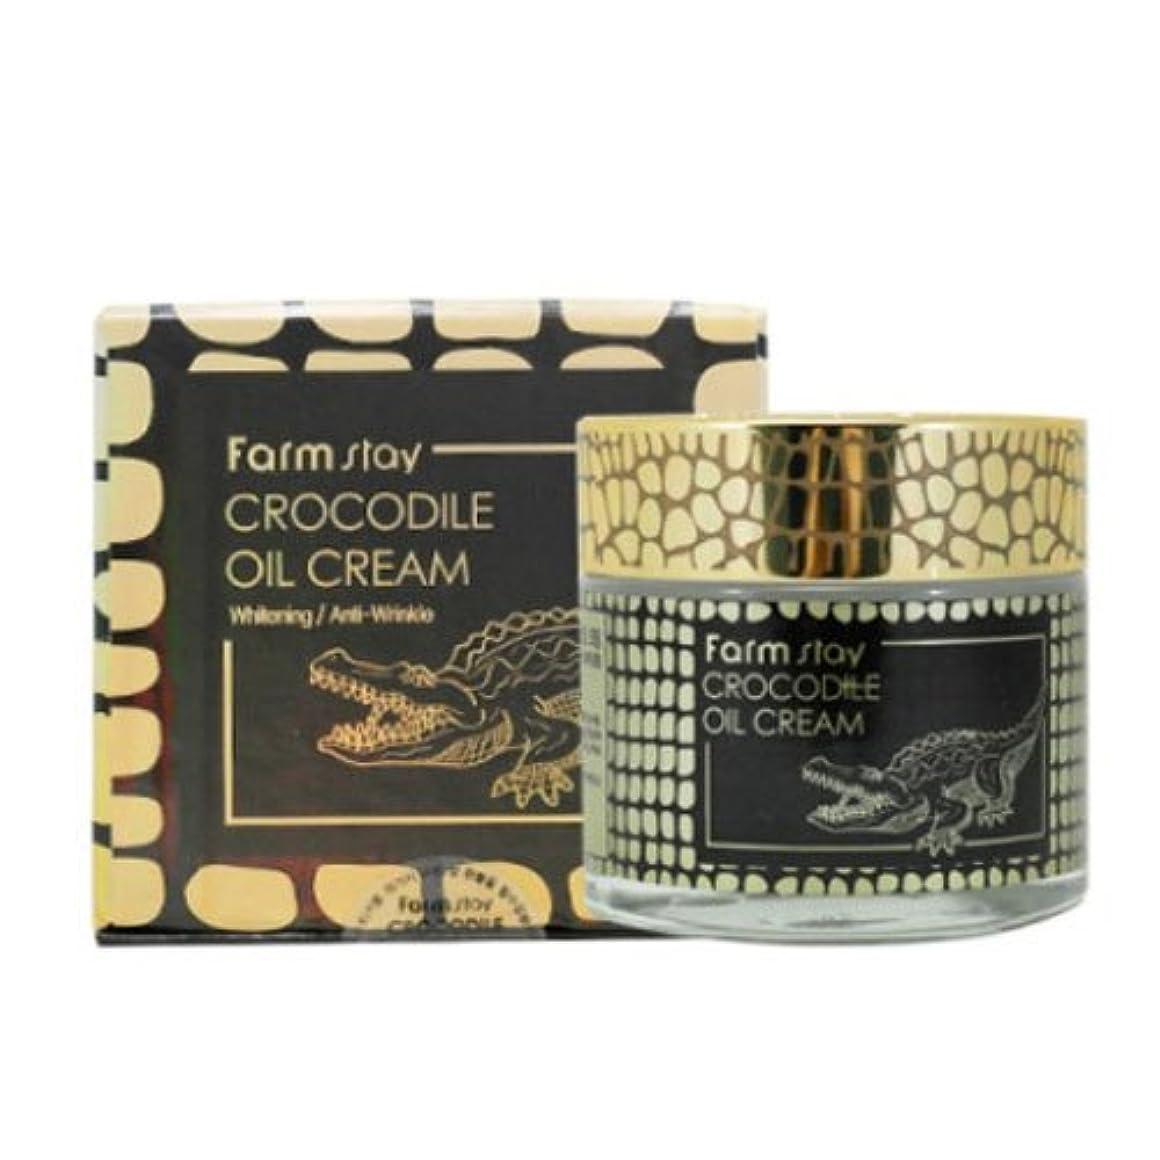 受賞ファイル例ファームステイ[韓国コスメFarm Stay]Crocodile Oil Cream ワニオイルクリーム70g しわ管理 美白[並行輸入品]